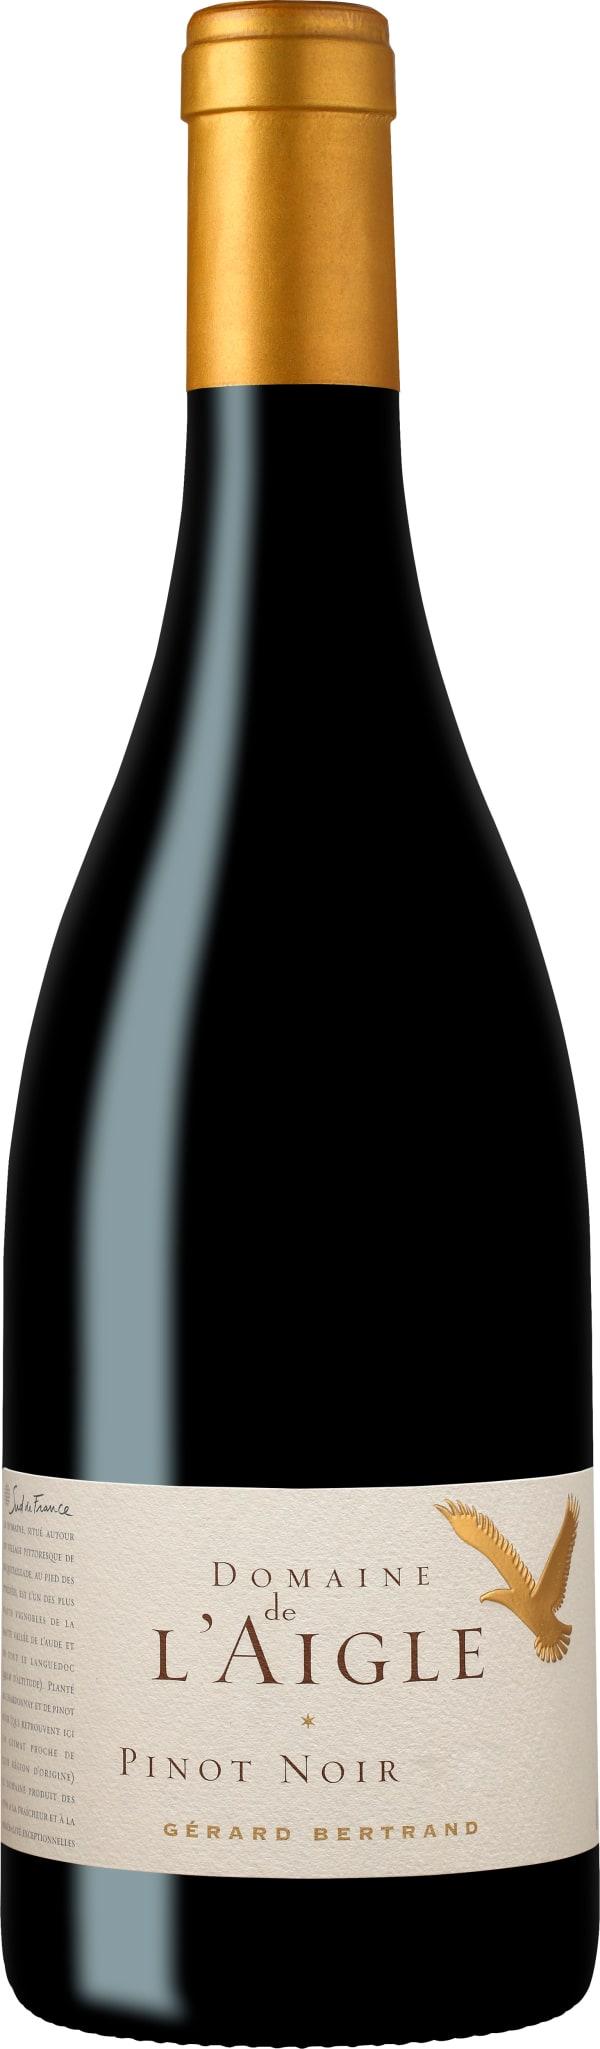 Gérard Bertrand Domaine de l'Aigle Pinot Noir 2018